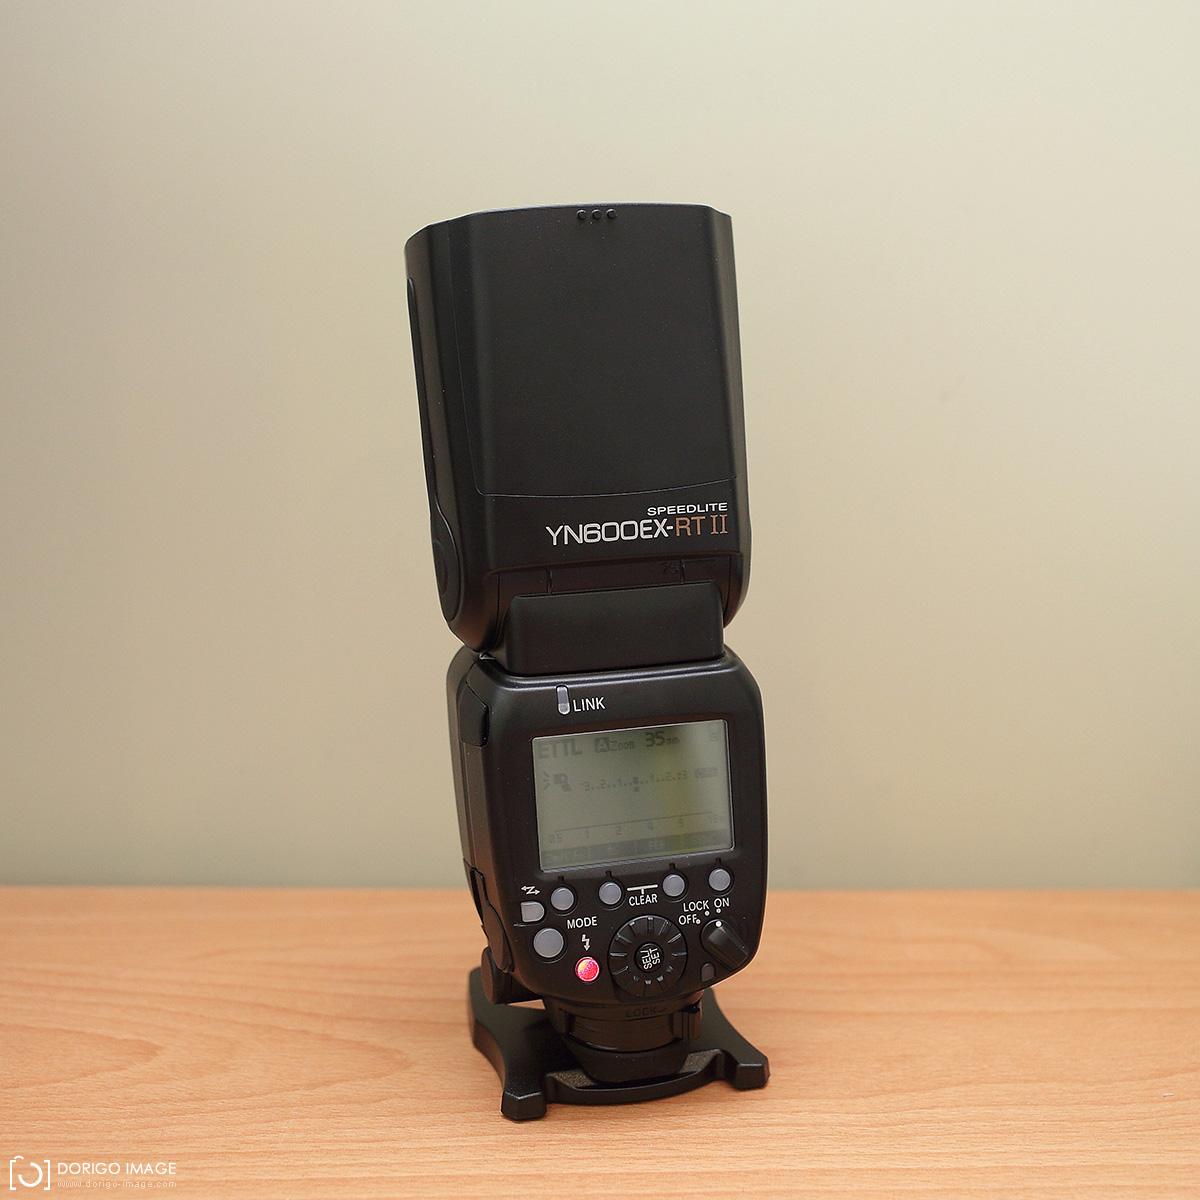 永諾專業創作型閃光燈YN600EX-RT II